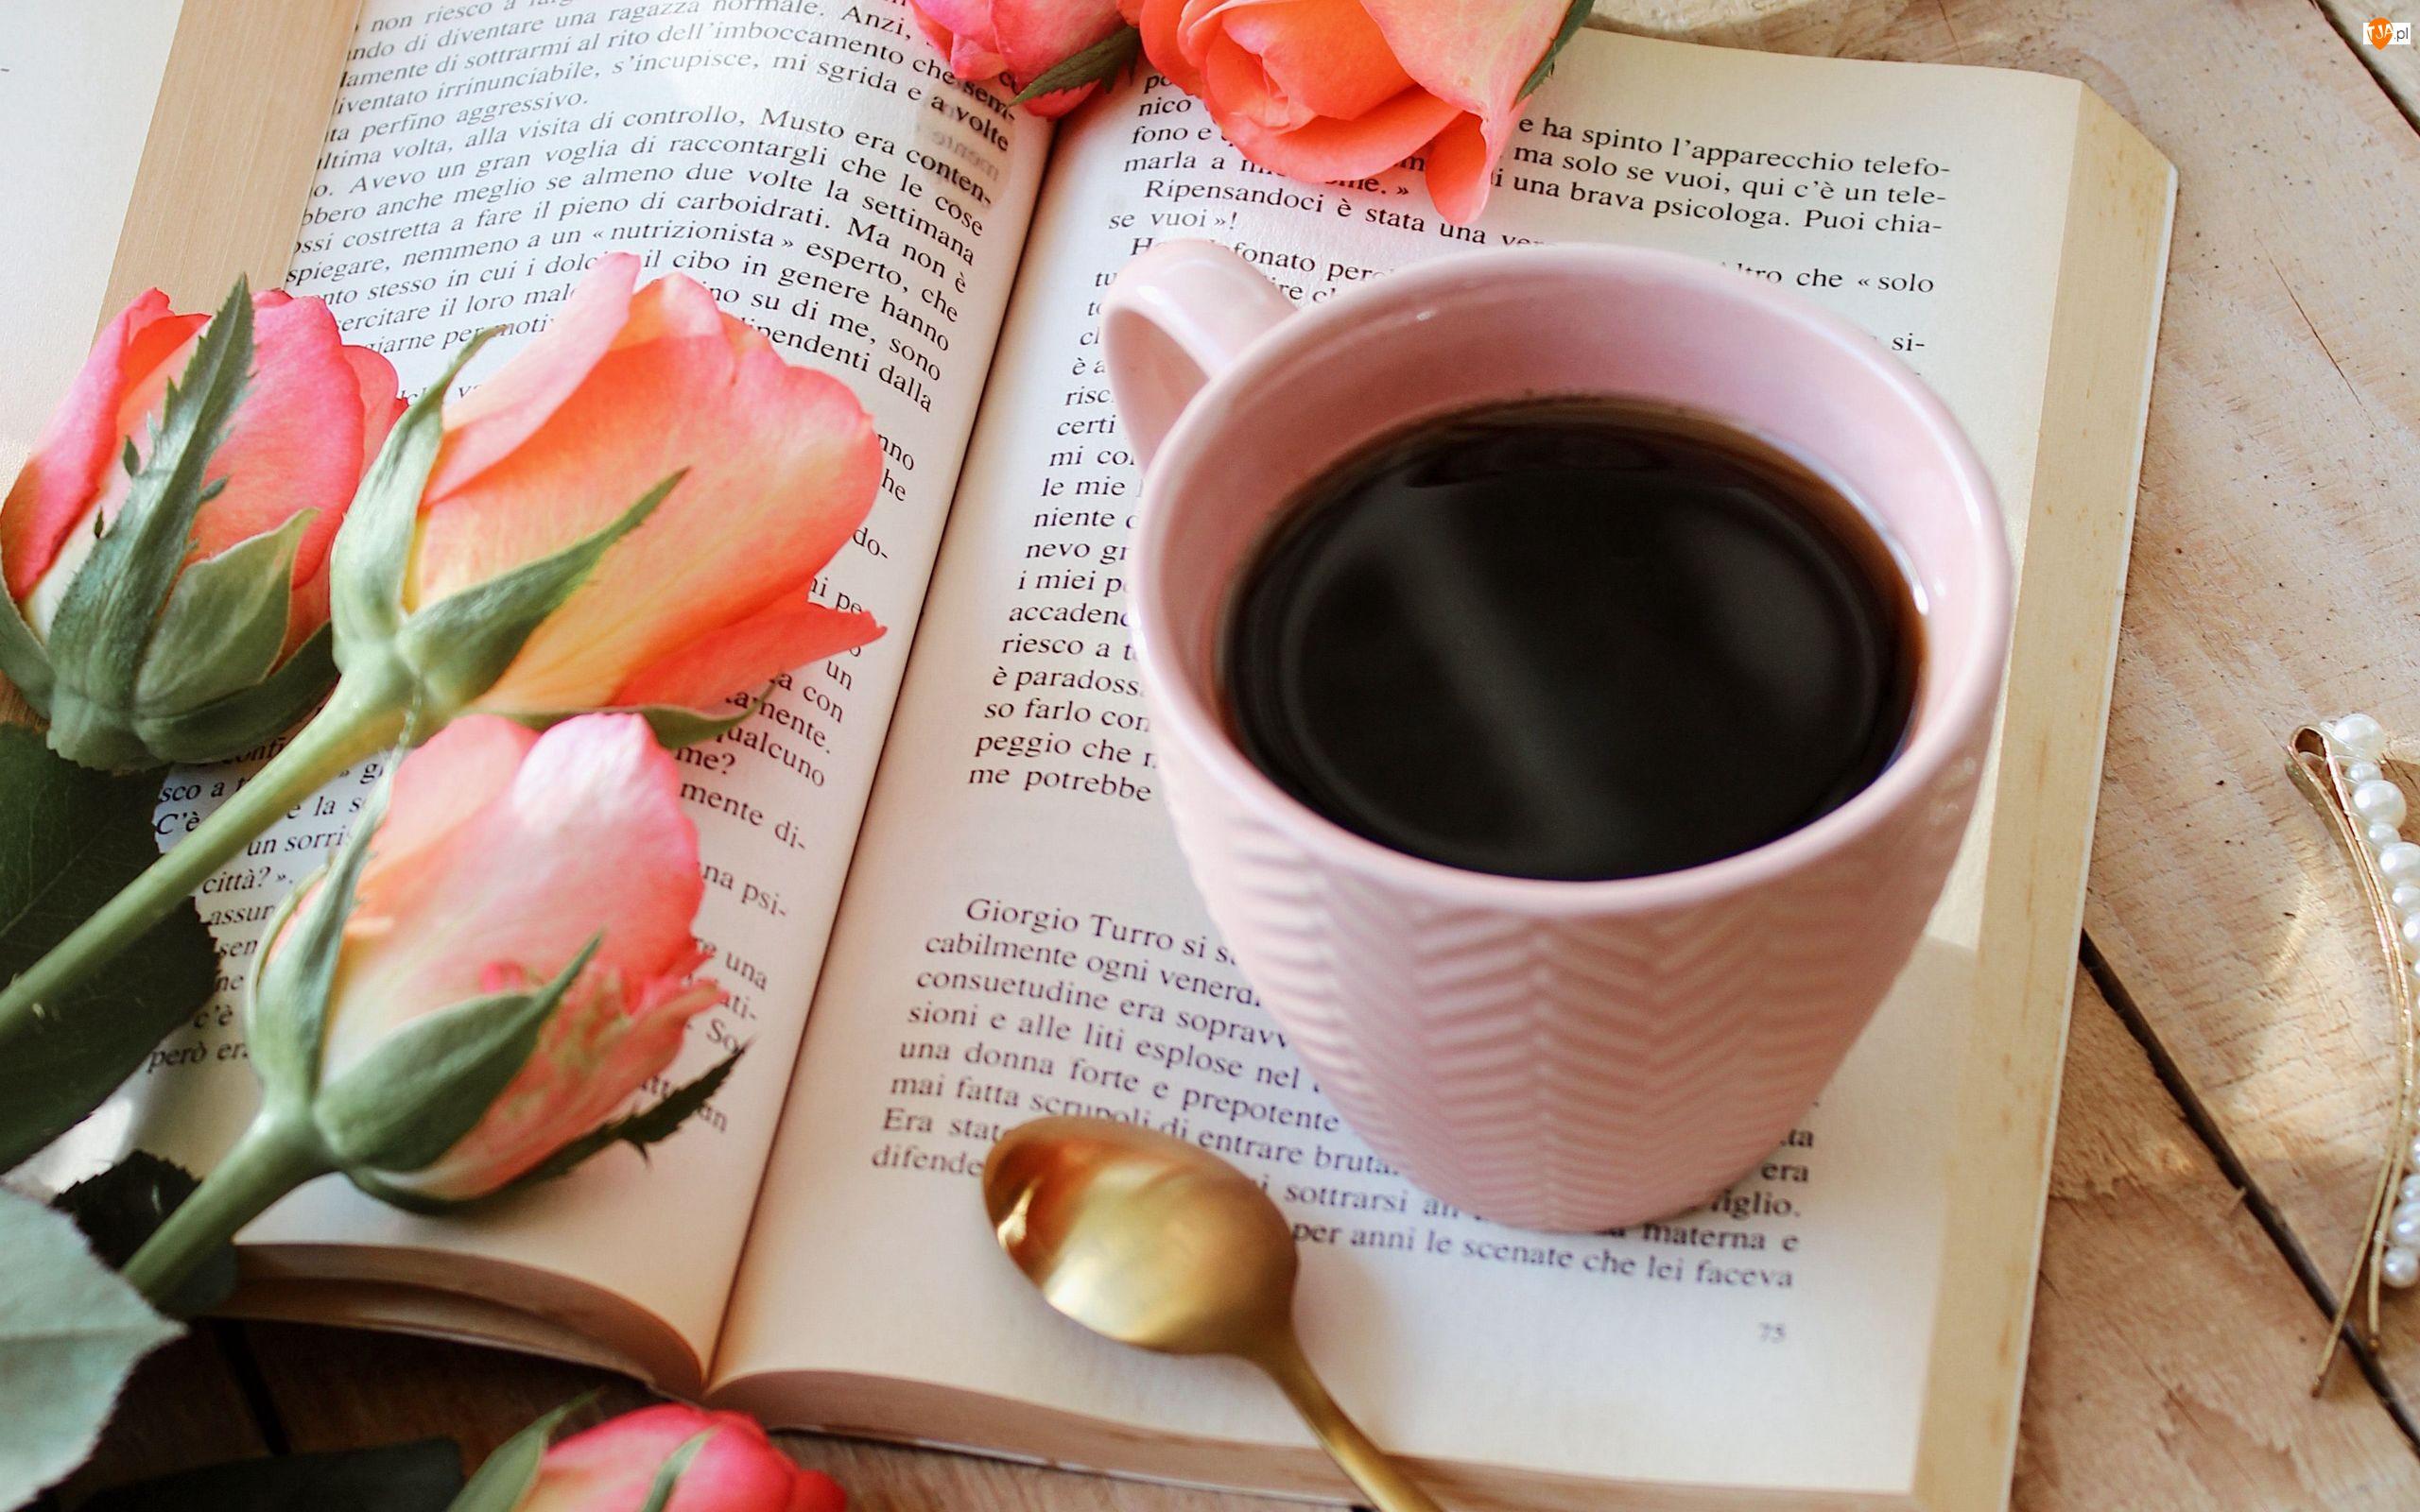 Książka, Róże, Kawa, Kubek, Kwiaty